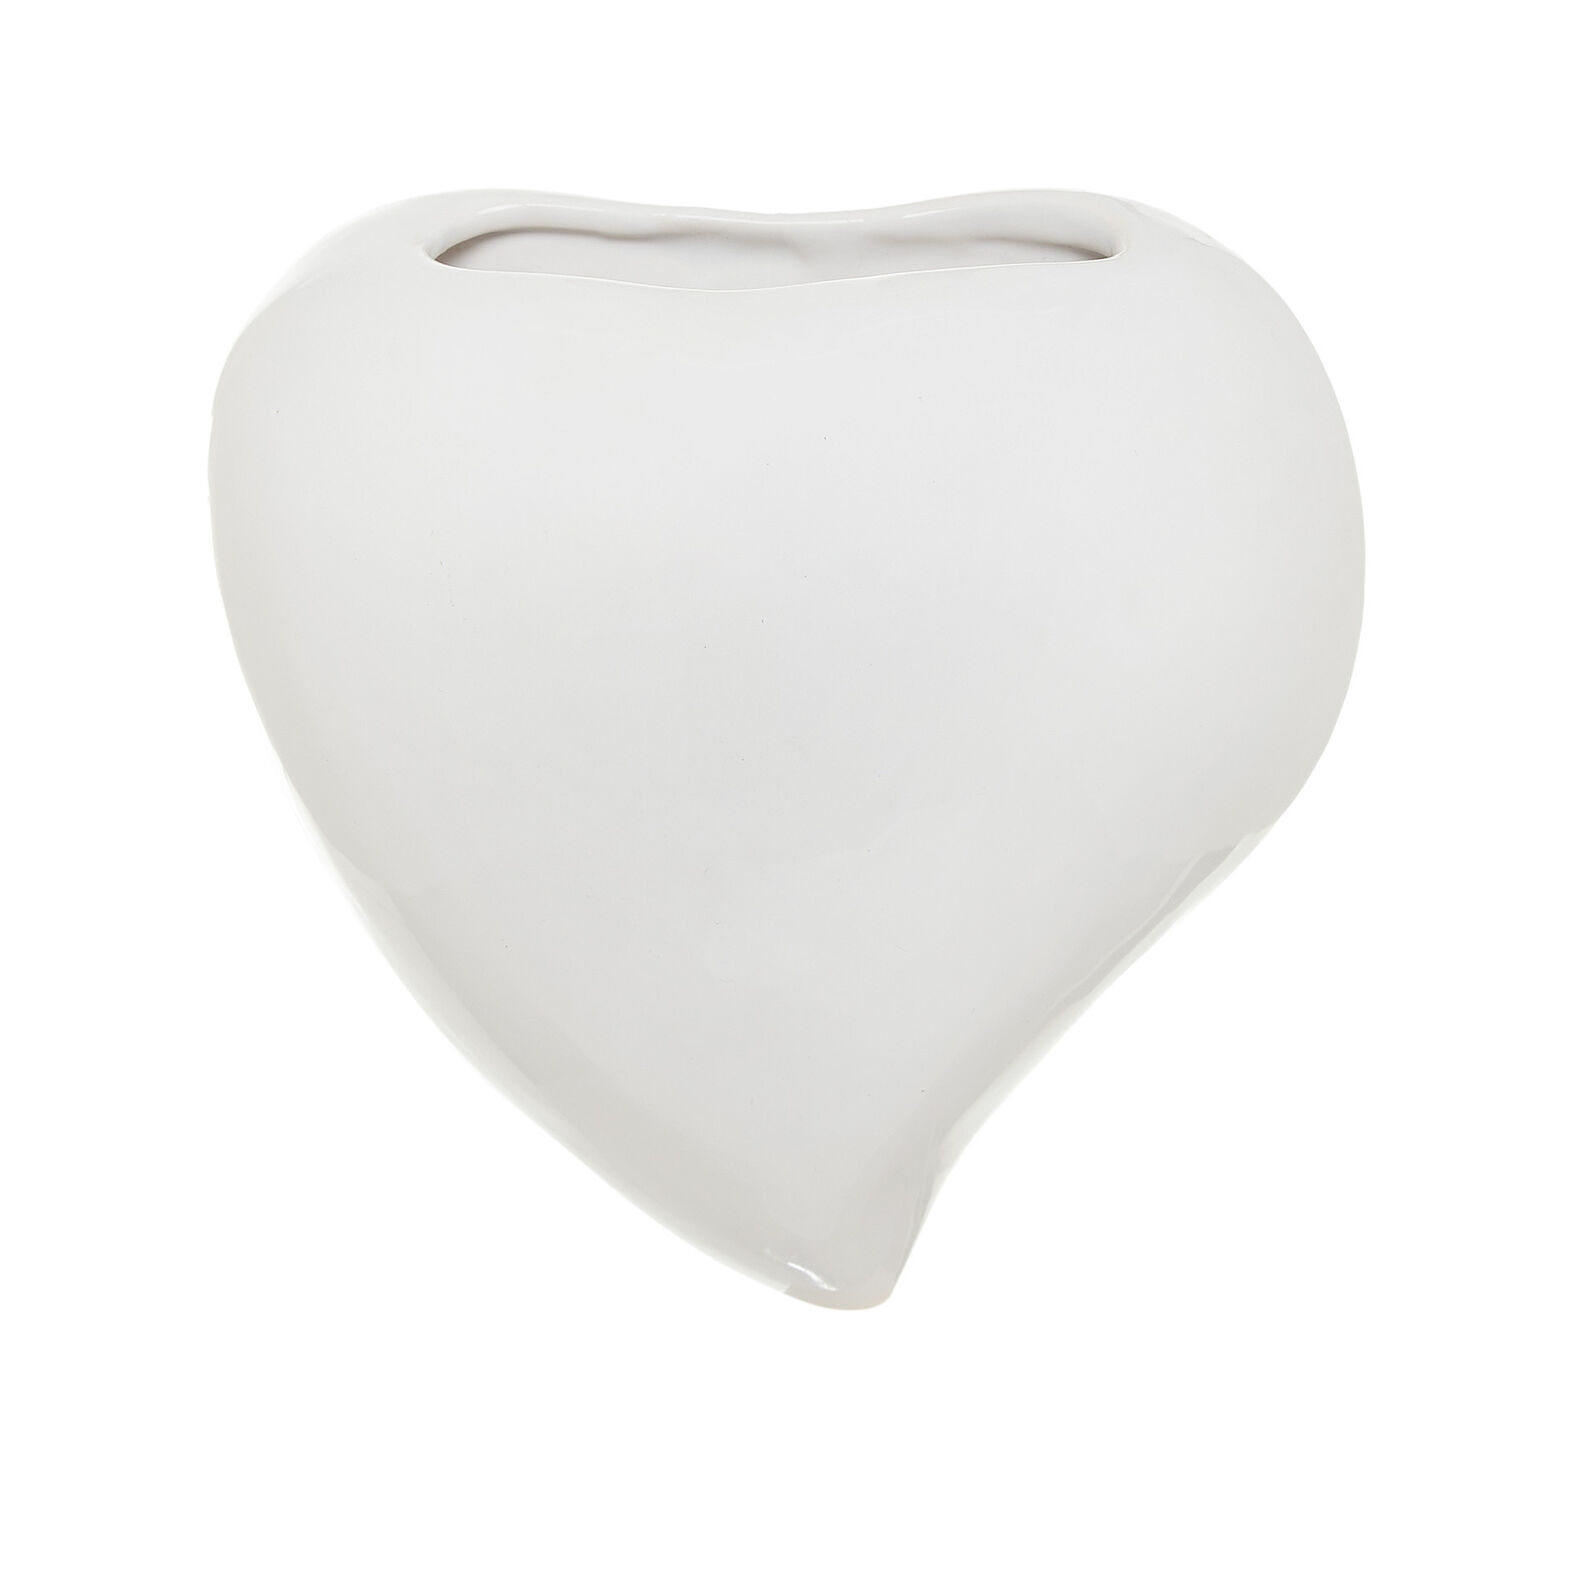 Heart-shaped ceramic humidifier